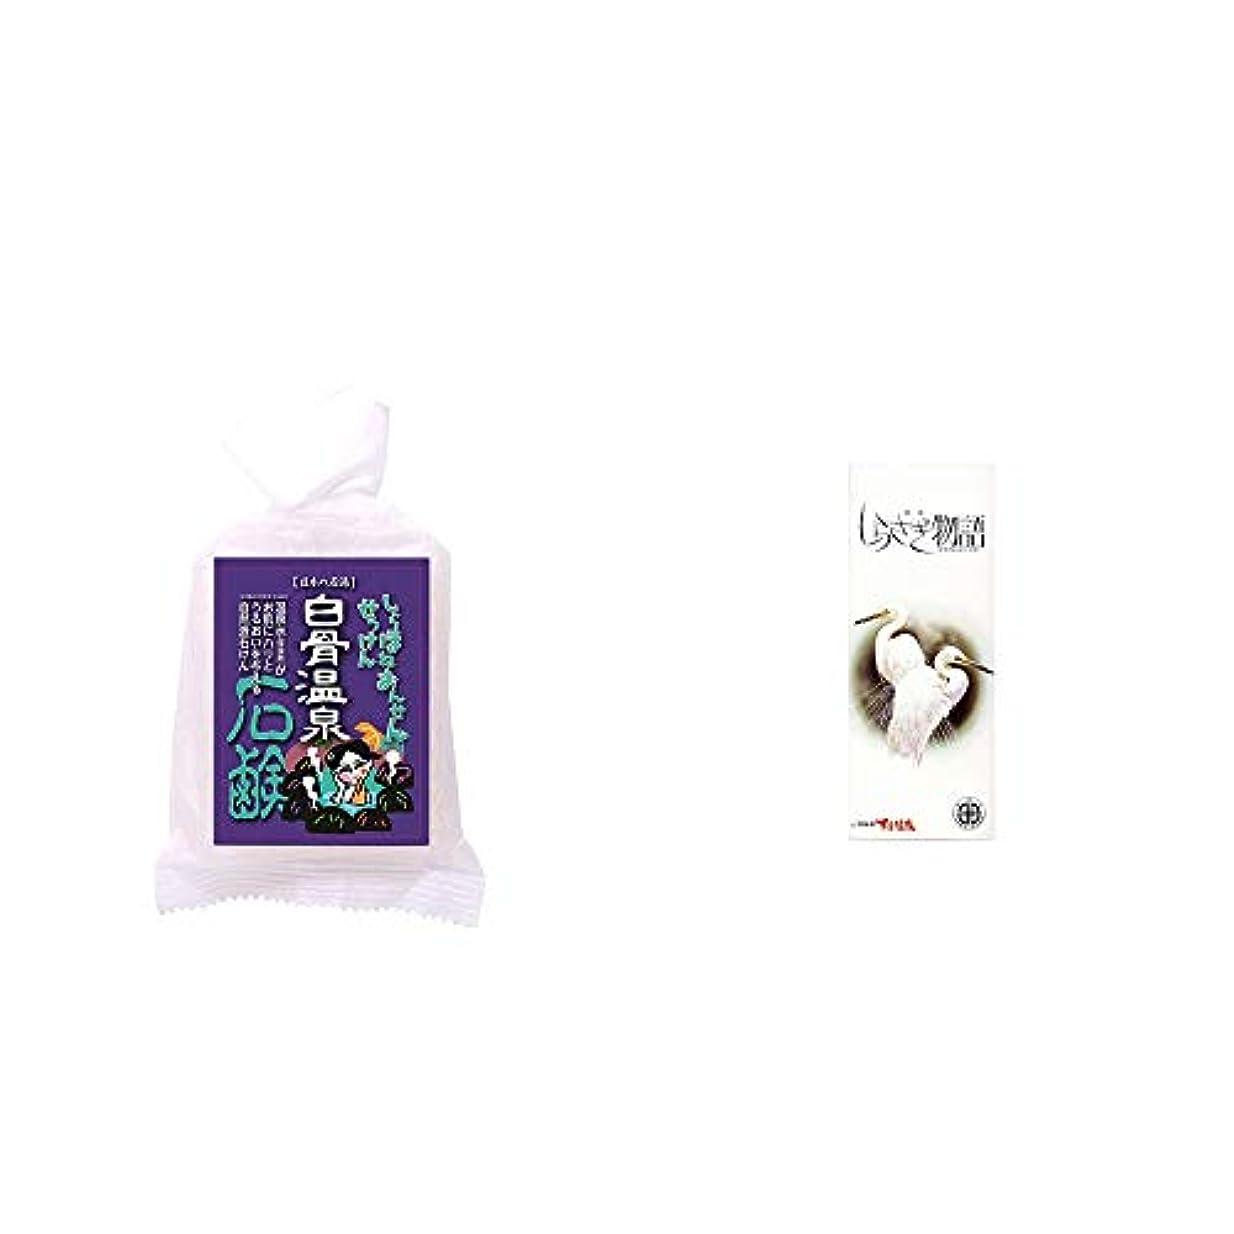 スリップコントローラブラウザ[2点セット] 信州 白骨温泉石鹸(80g)?飛騨銘菓 しらさぎ物語 [特小](11枚入)